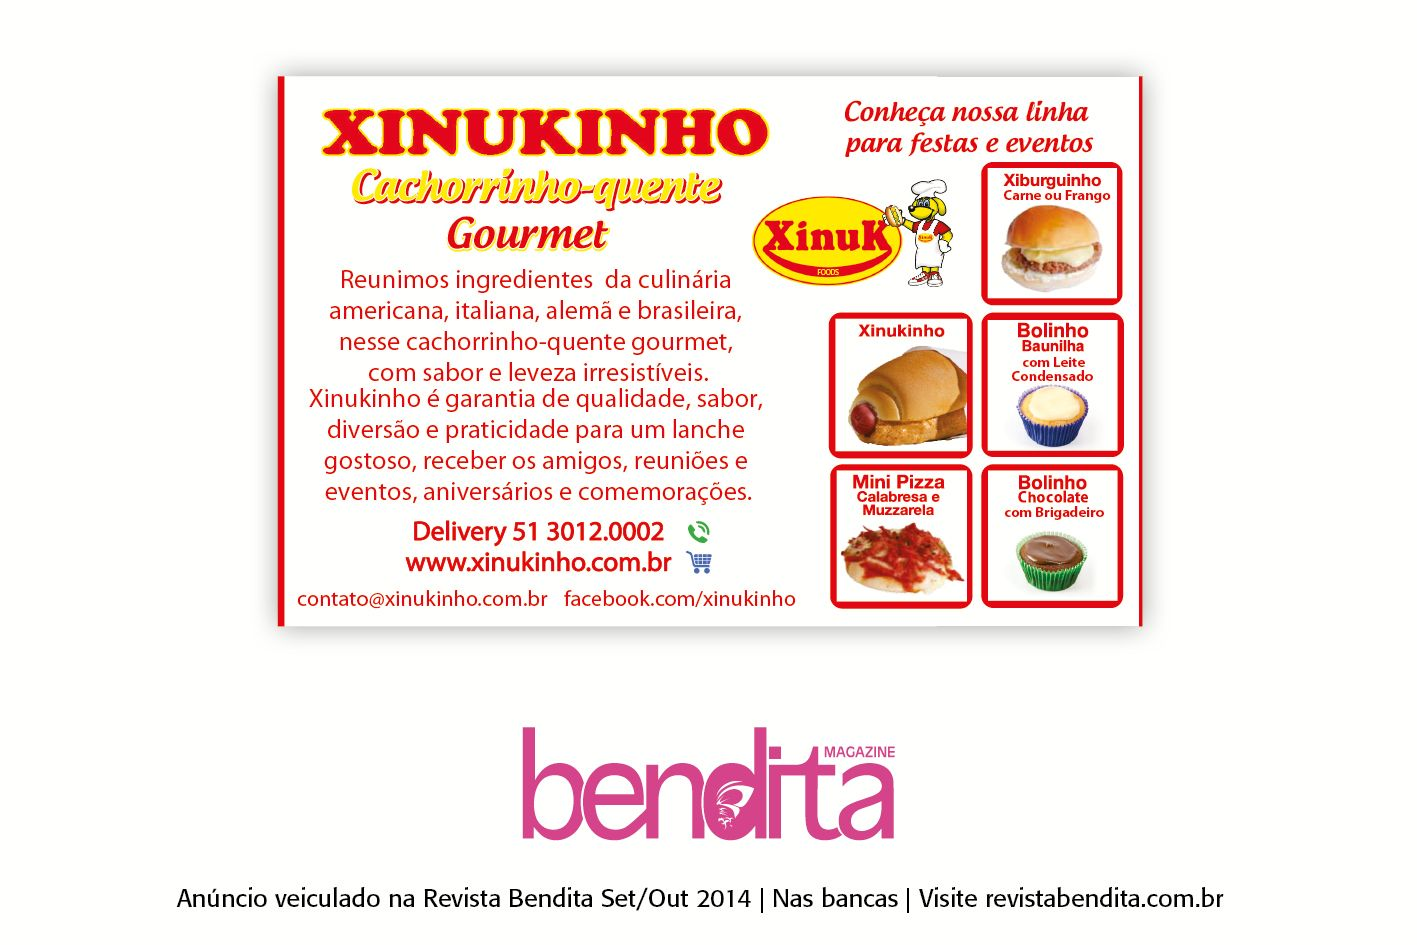 Publicidade Xinukinho